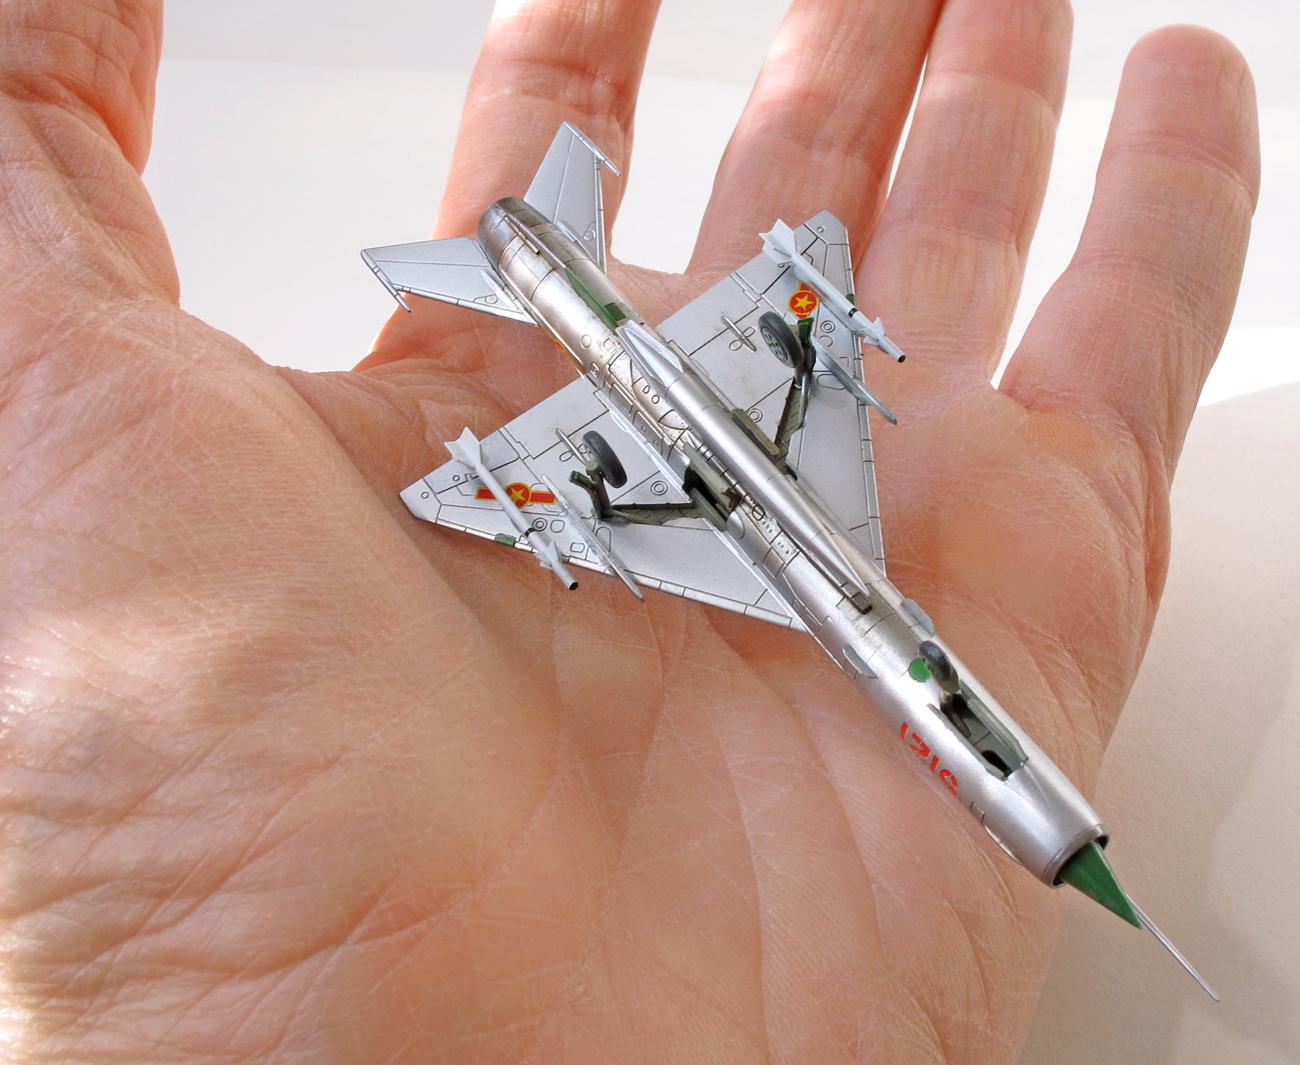 MiG-21MF eduard 1/144 na ruke, spodná strana